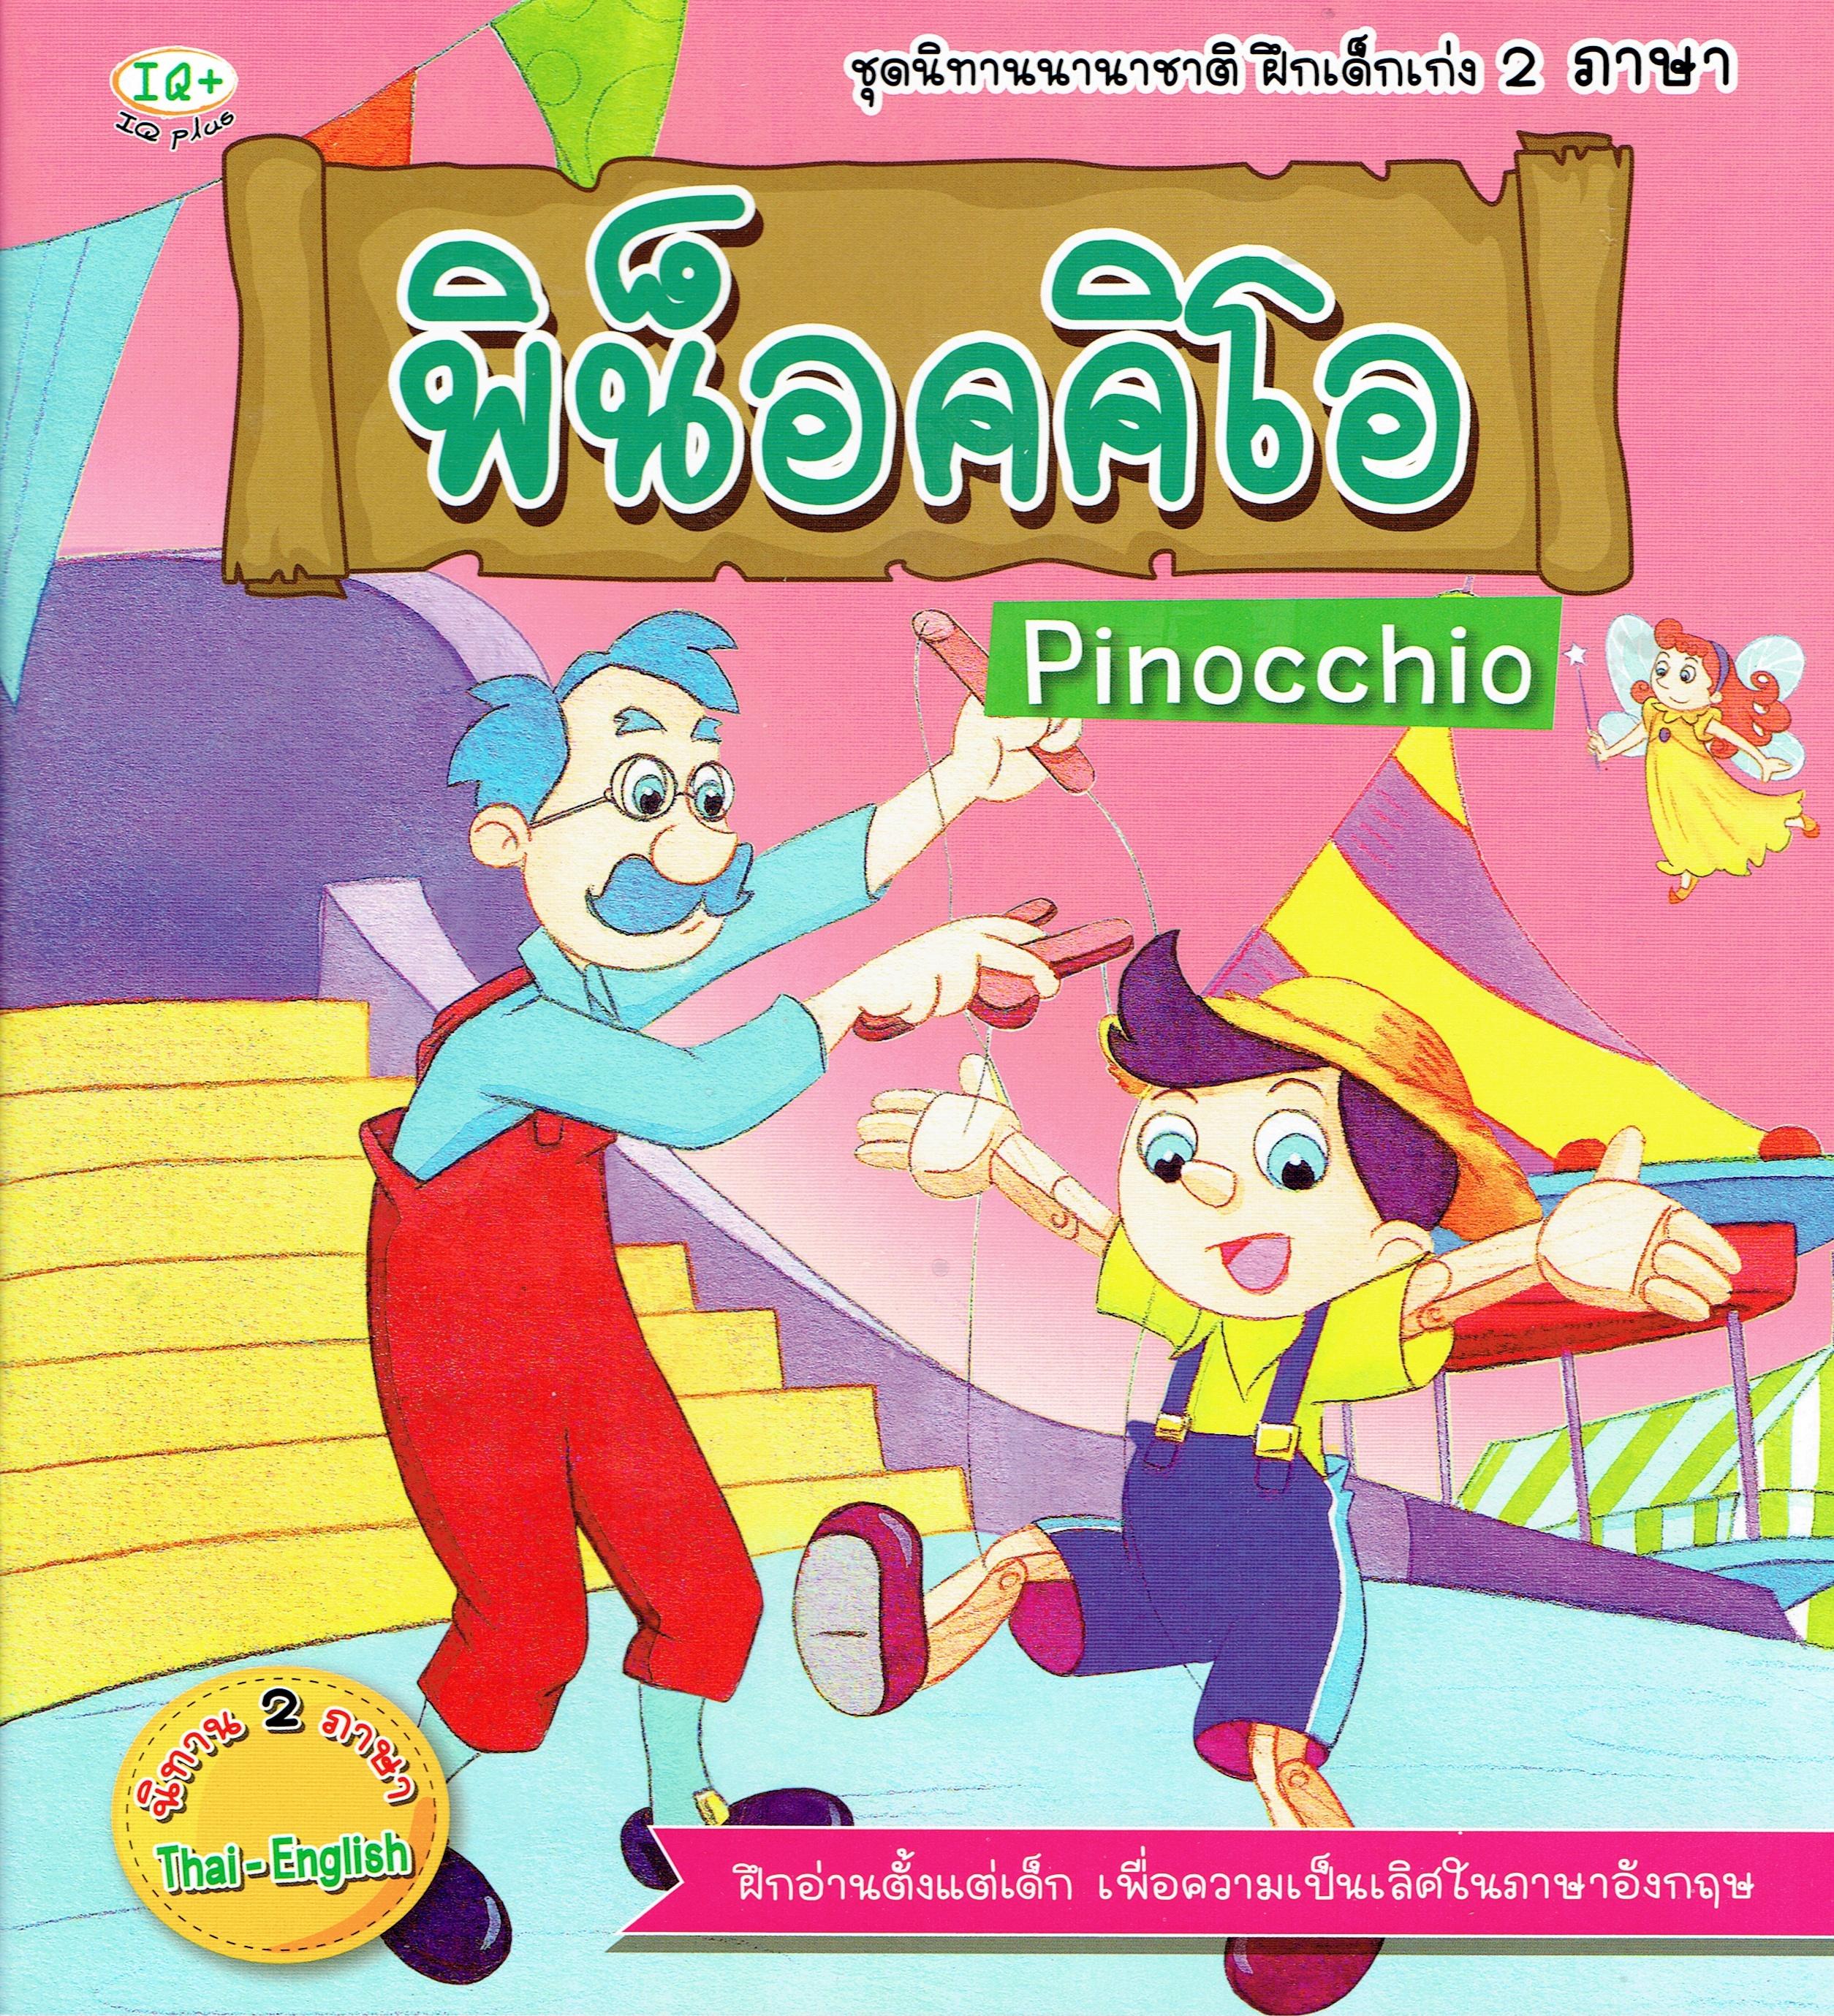 พิน็อคคิโอ 2 ภาษา